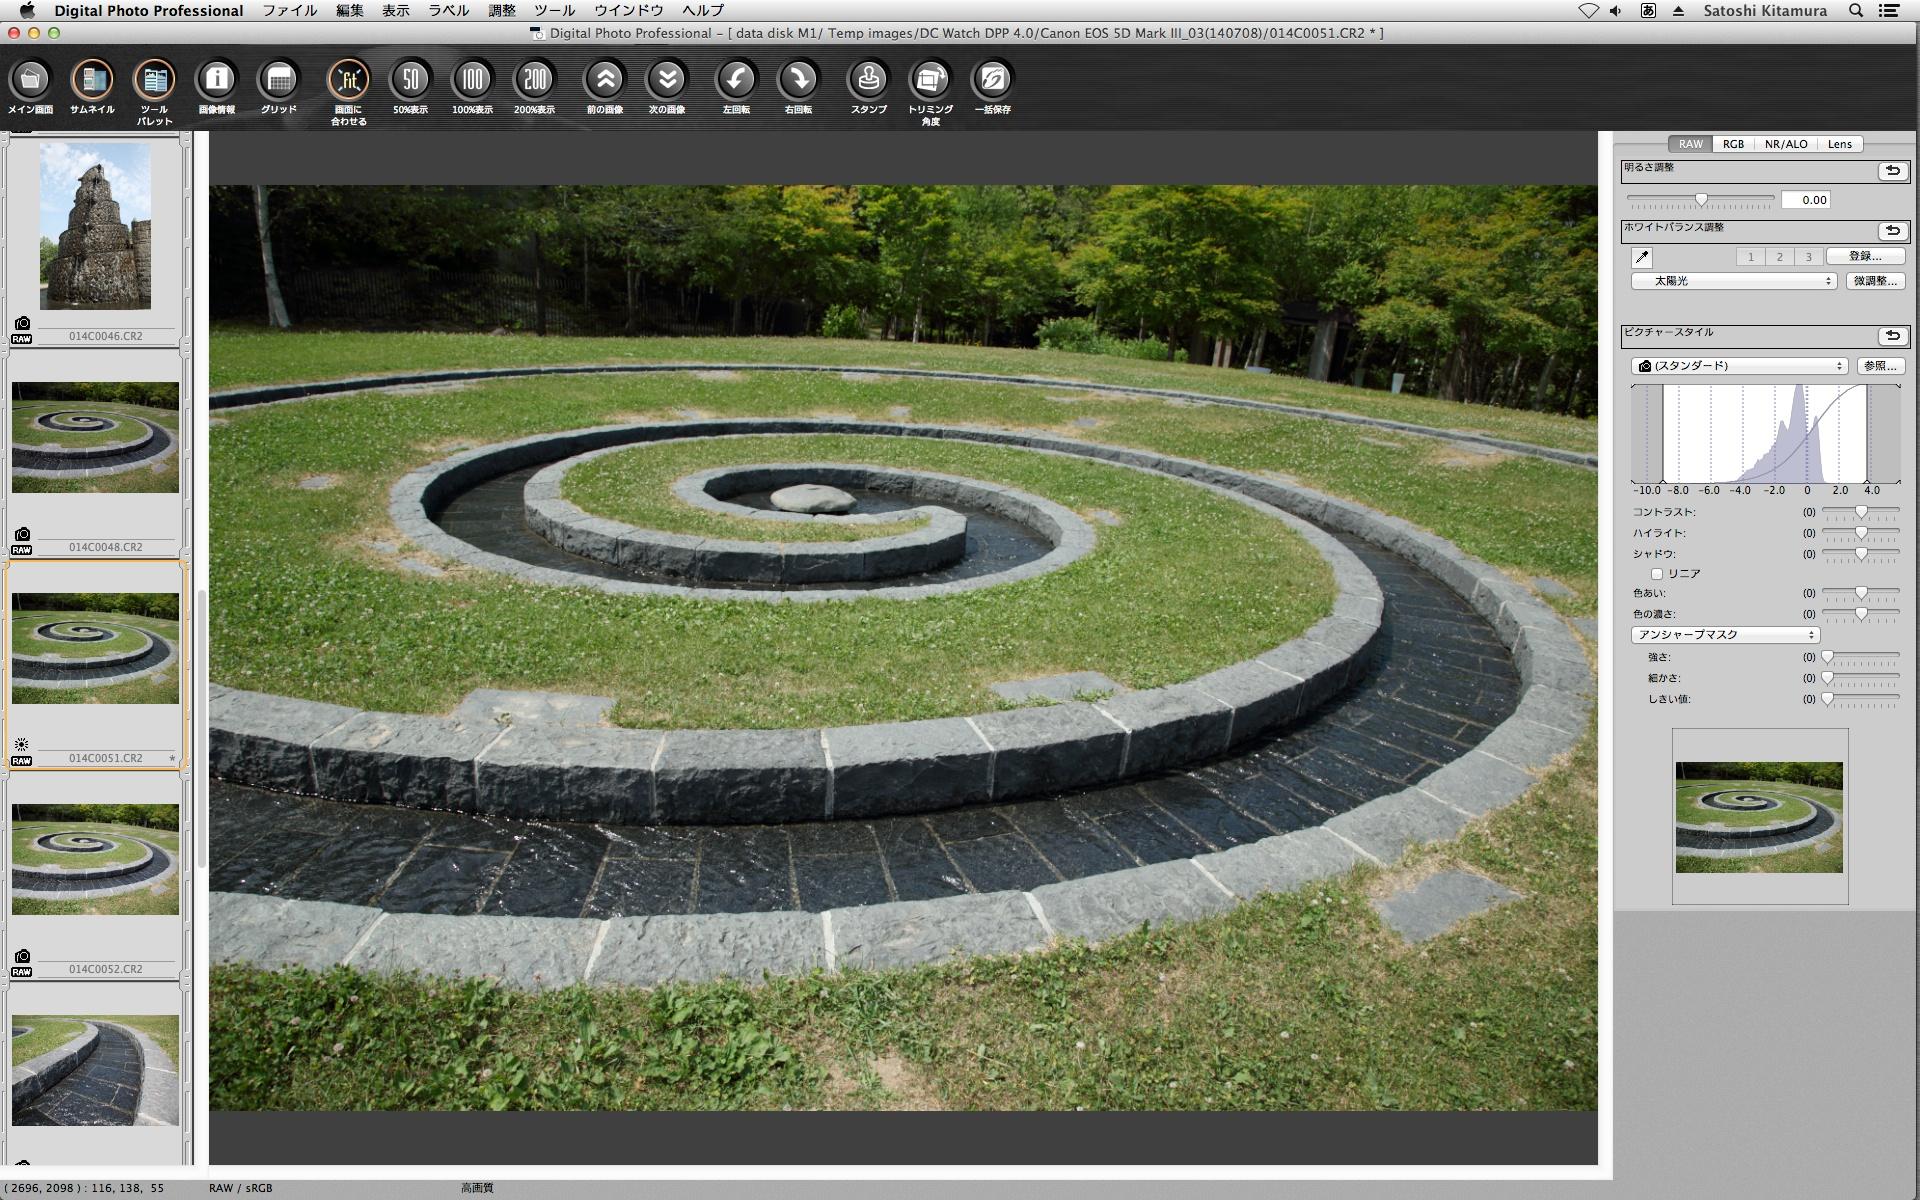 DPP 3のセレクト編集画面。インターフェースの違いもあるが、プレビュー画像の色調なども変化している。